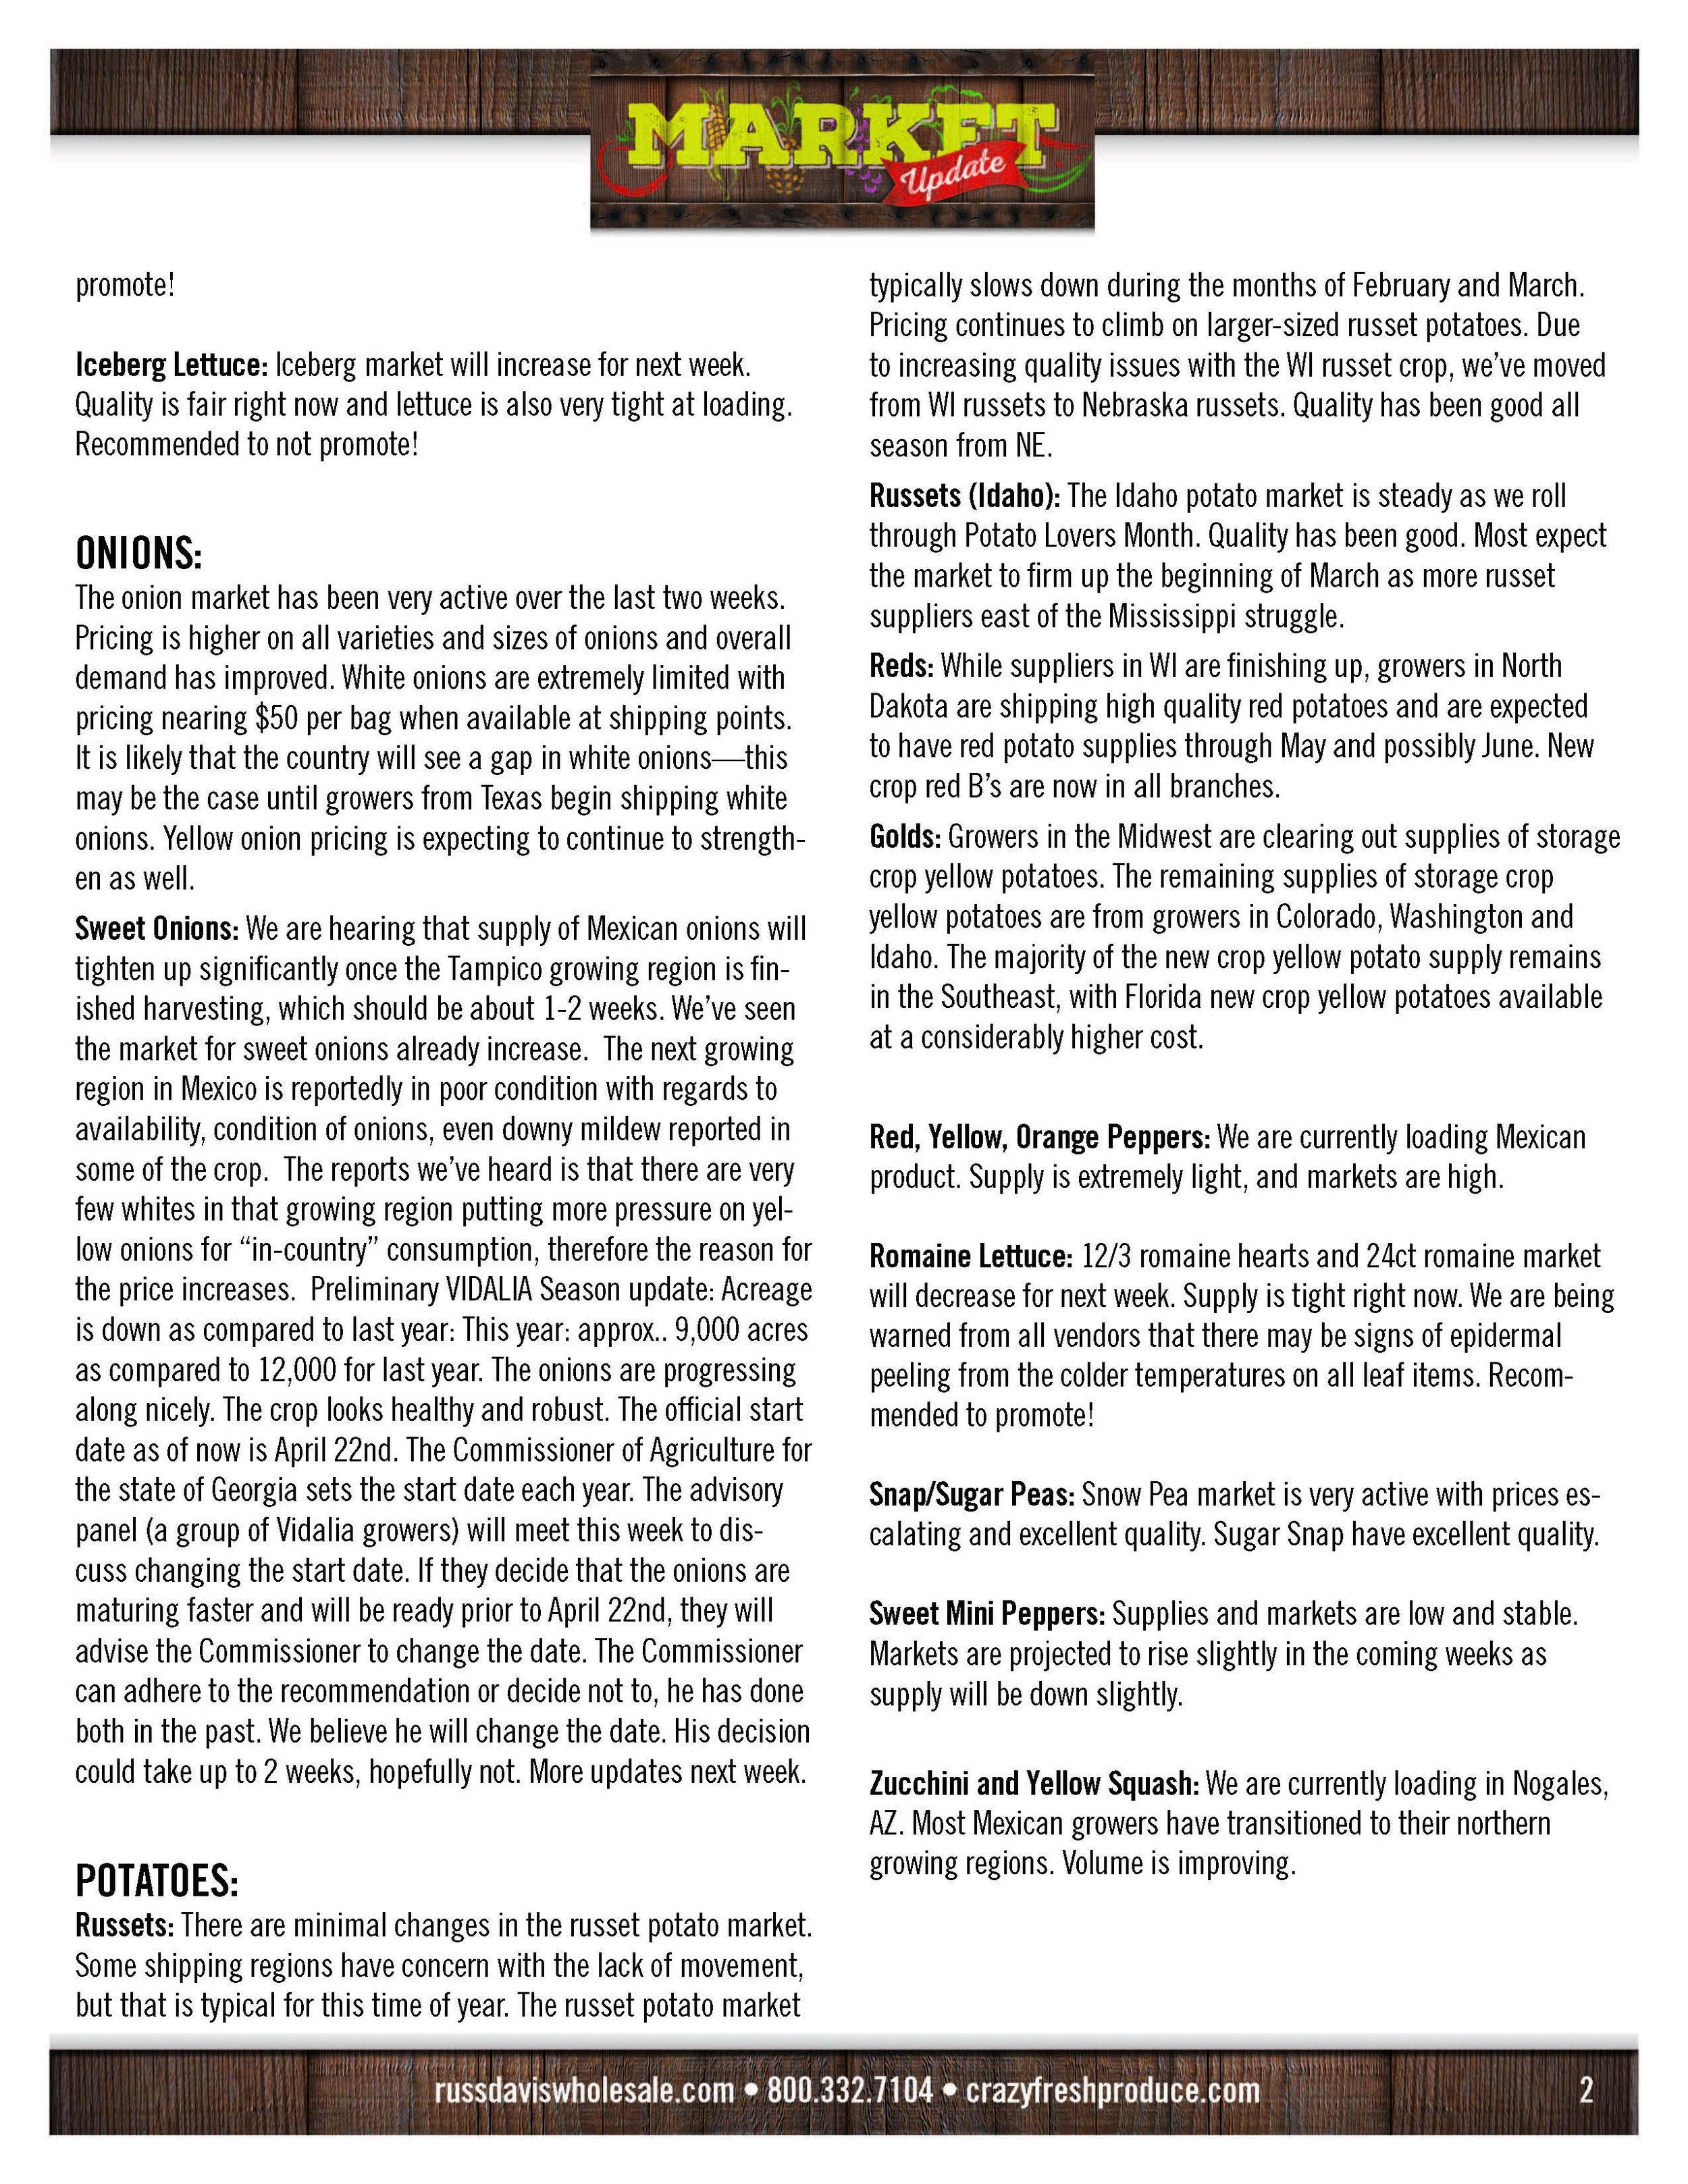 RDW_Market_Update_Mar21_19_Page_2.jpg